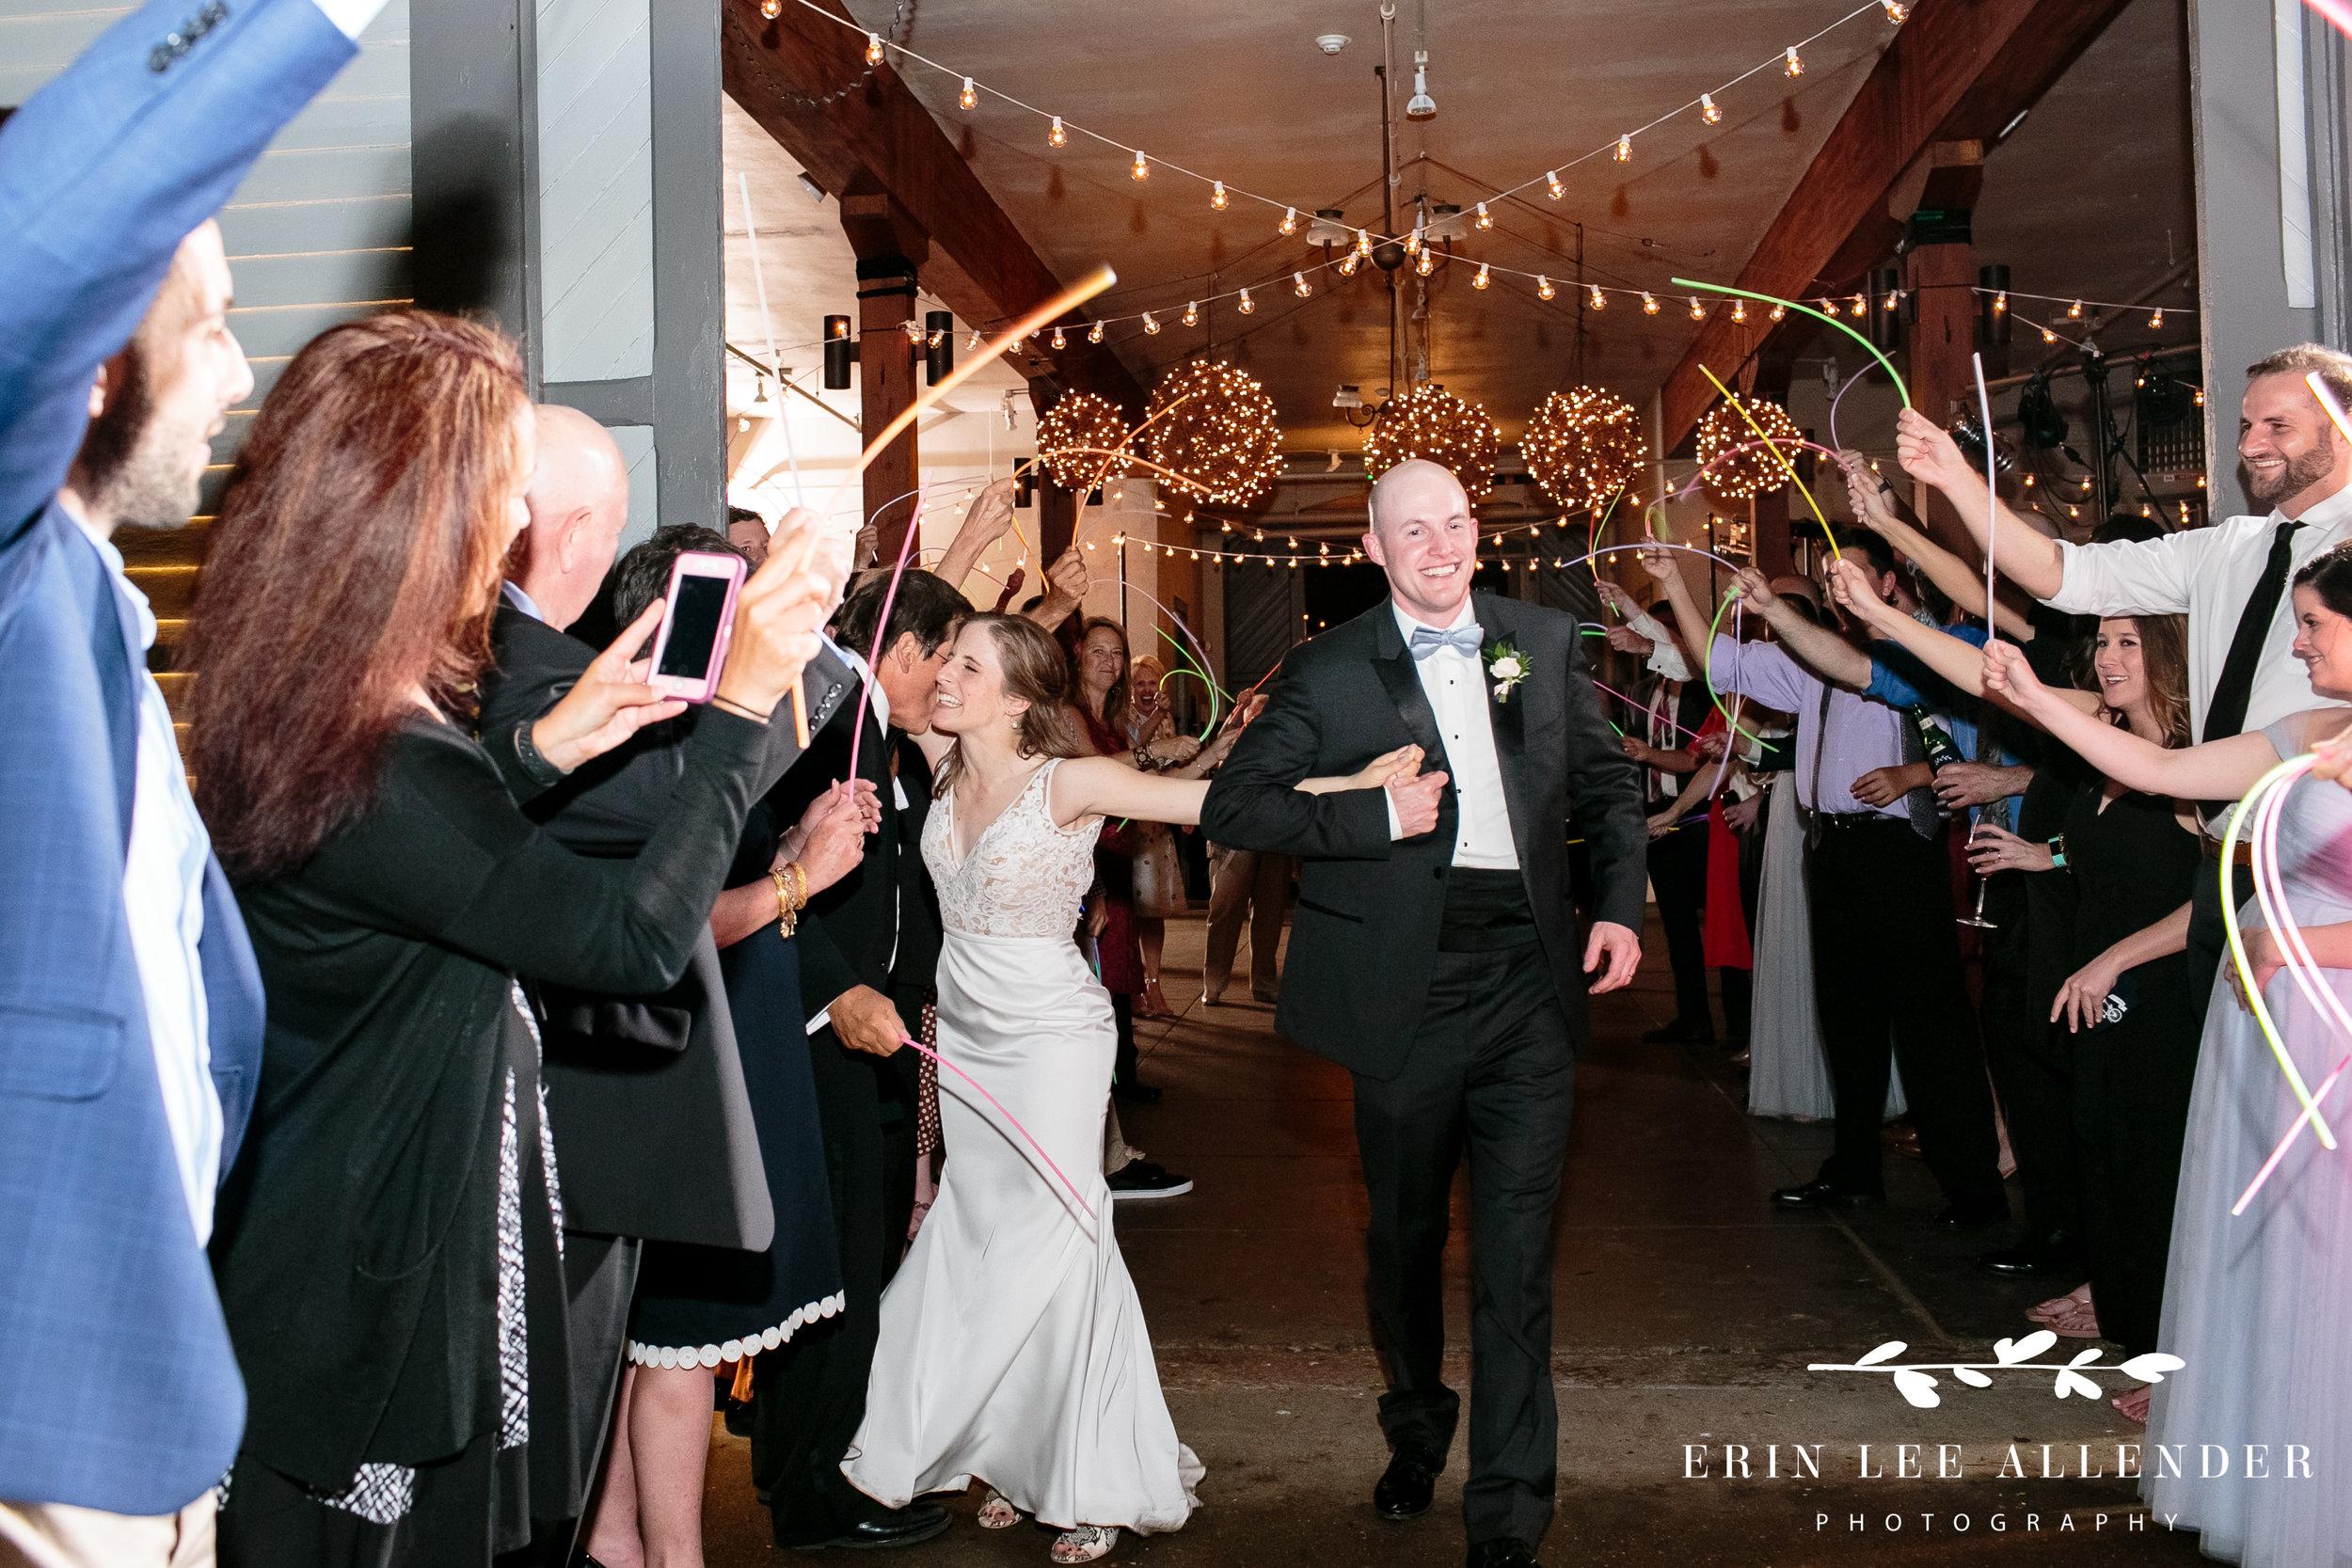 glow-stick-wedding-exit